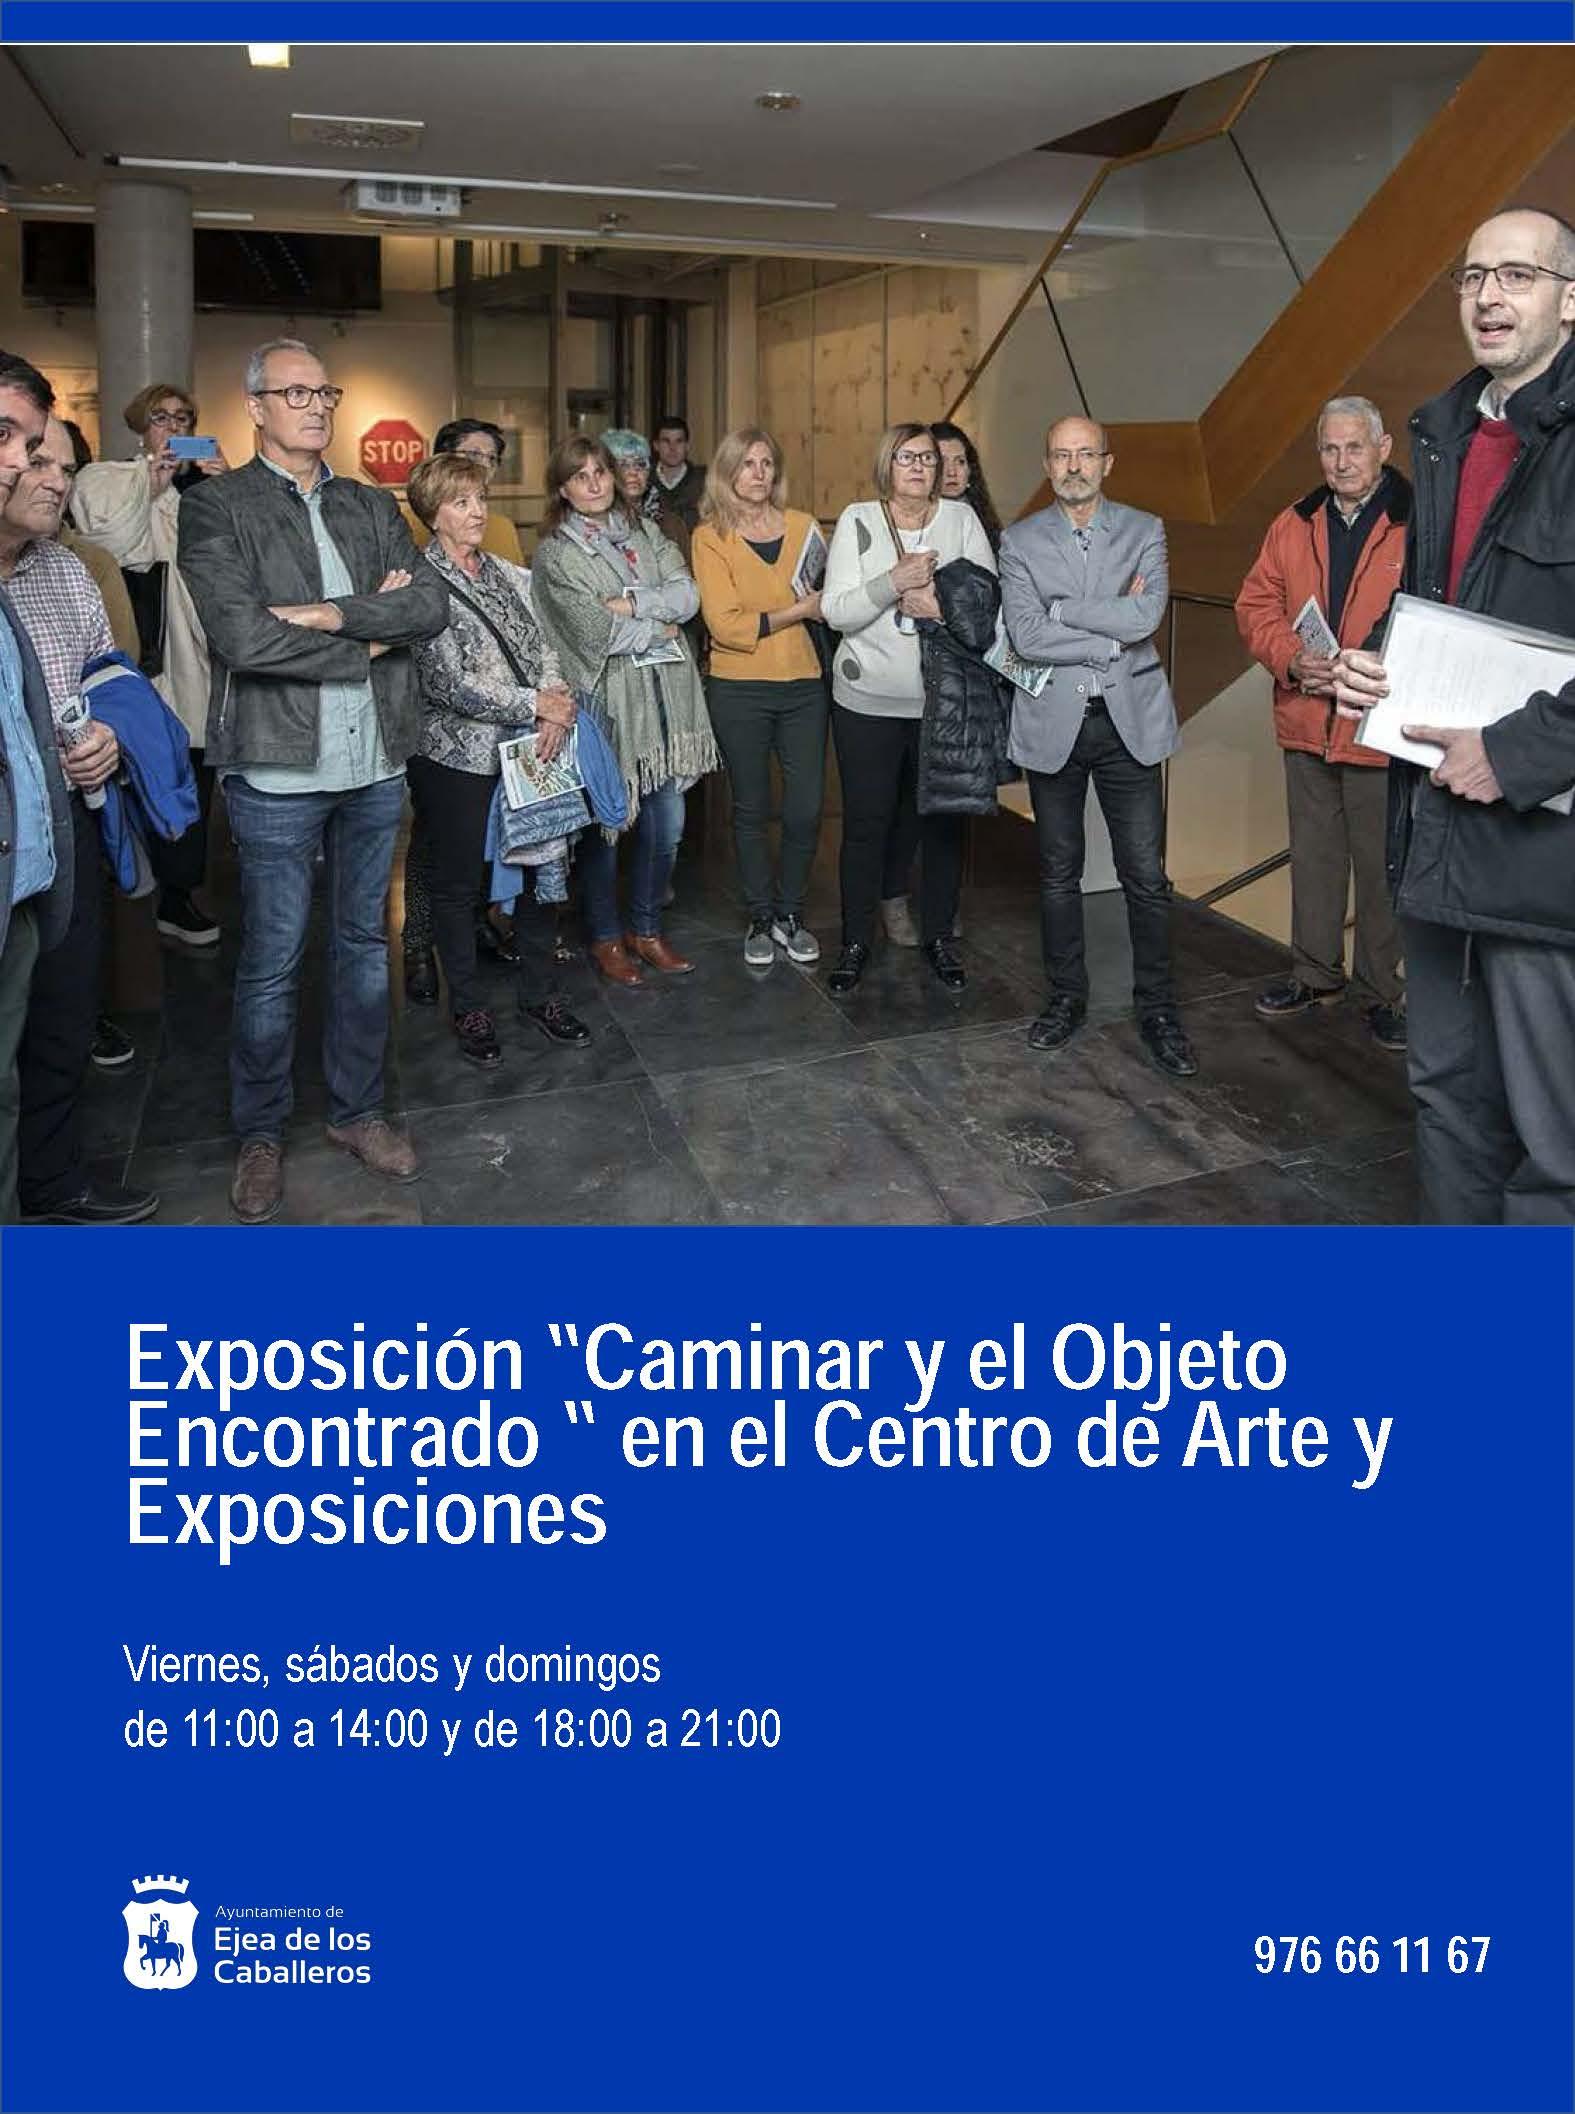 """""""ALEJANDRO AZÓN BALLARÍN. CAMINAR Y EL OBJETO ENCONTRADO"""": Nueva exposición en el Centro de Arte y Exposiciones de Ejea"""